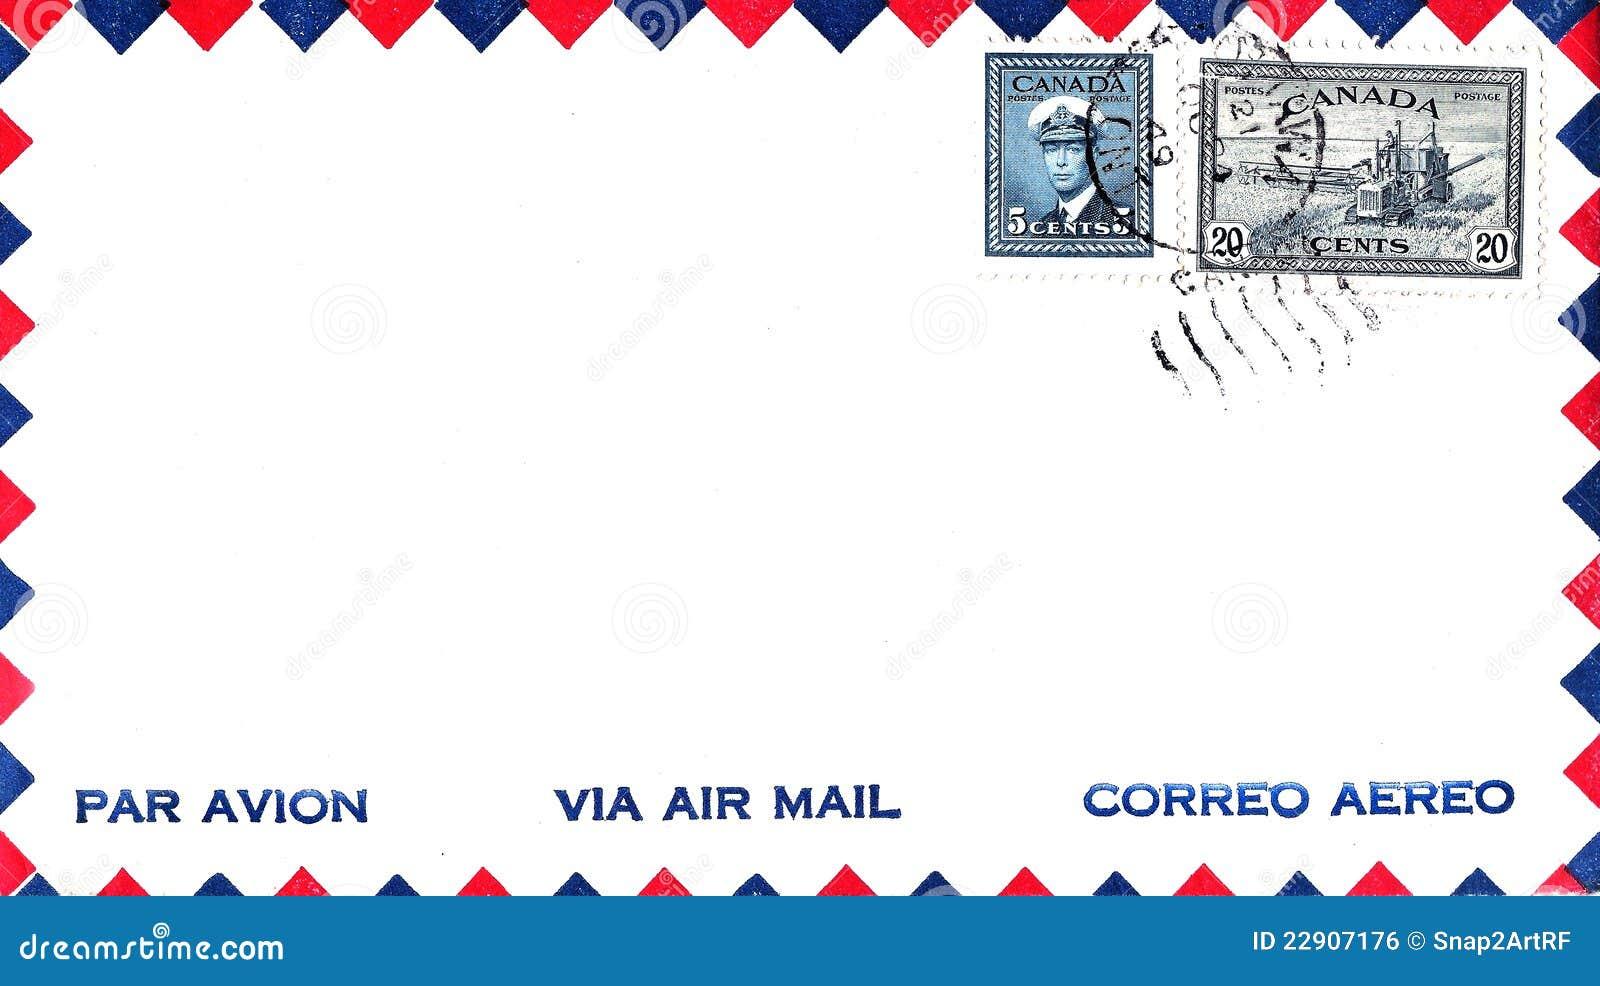 Postage A Letter Uk